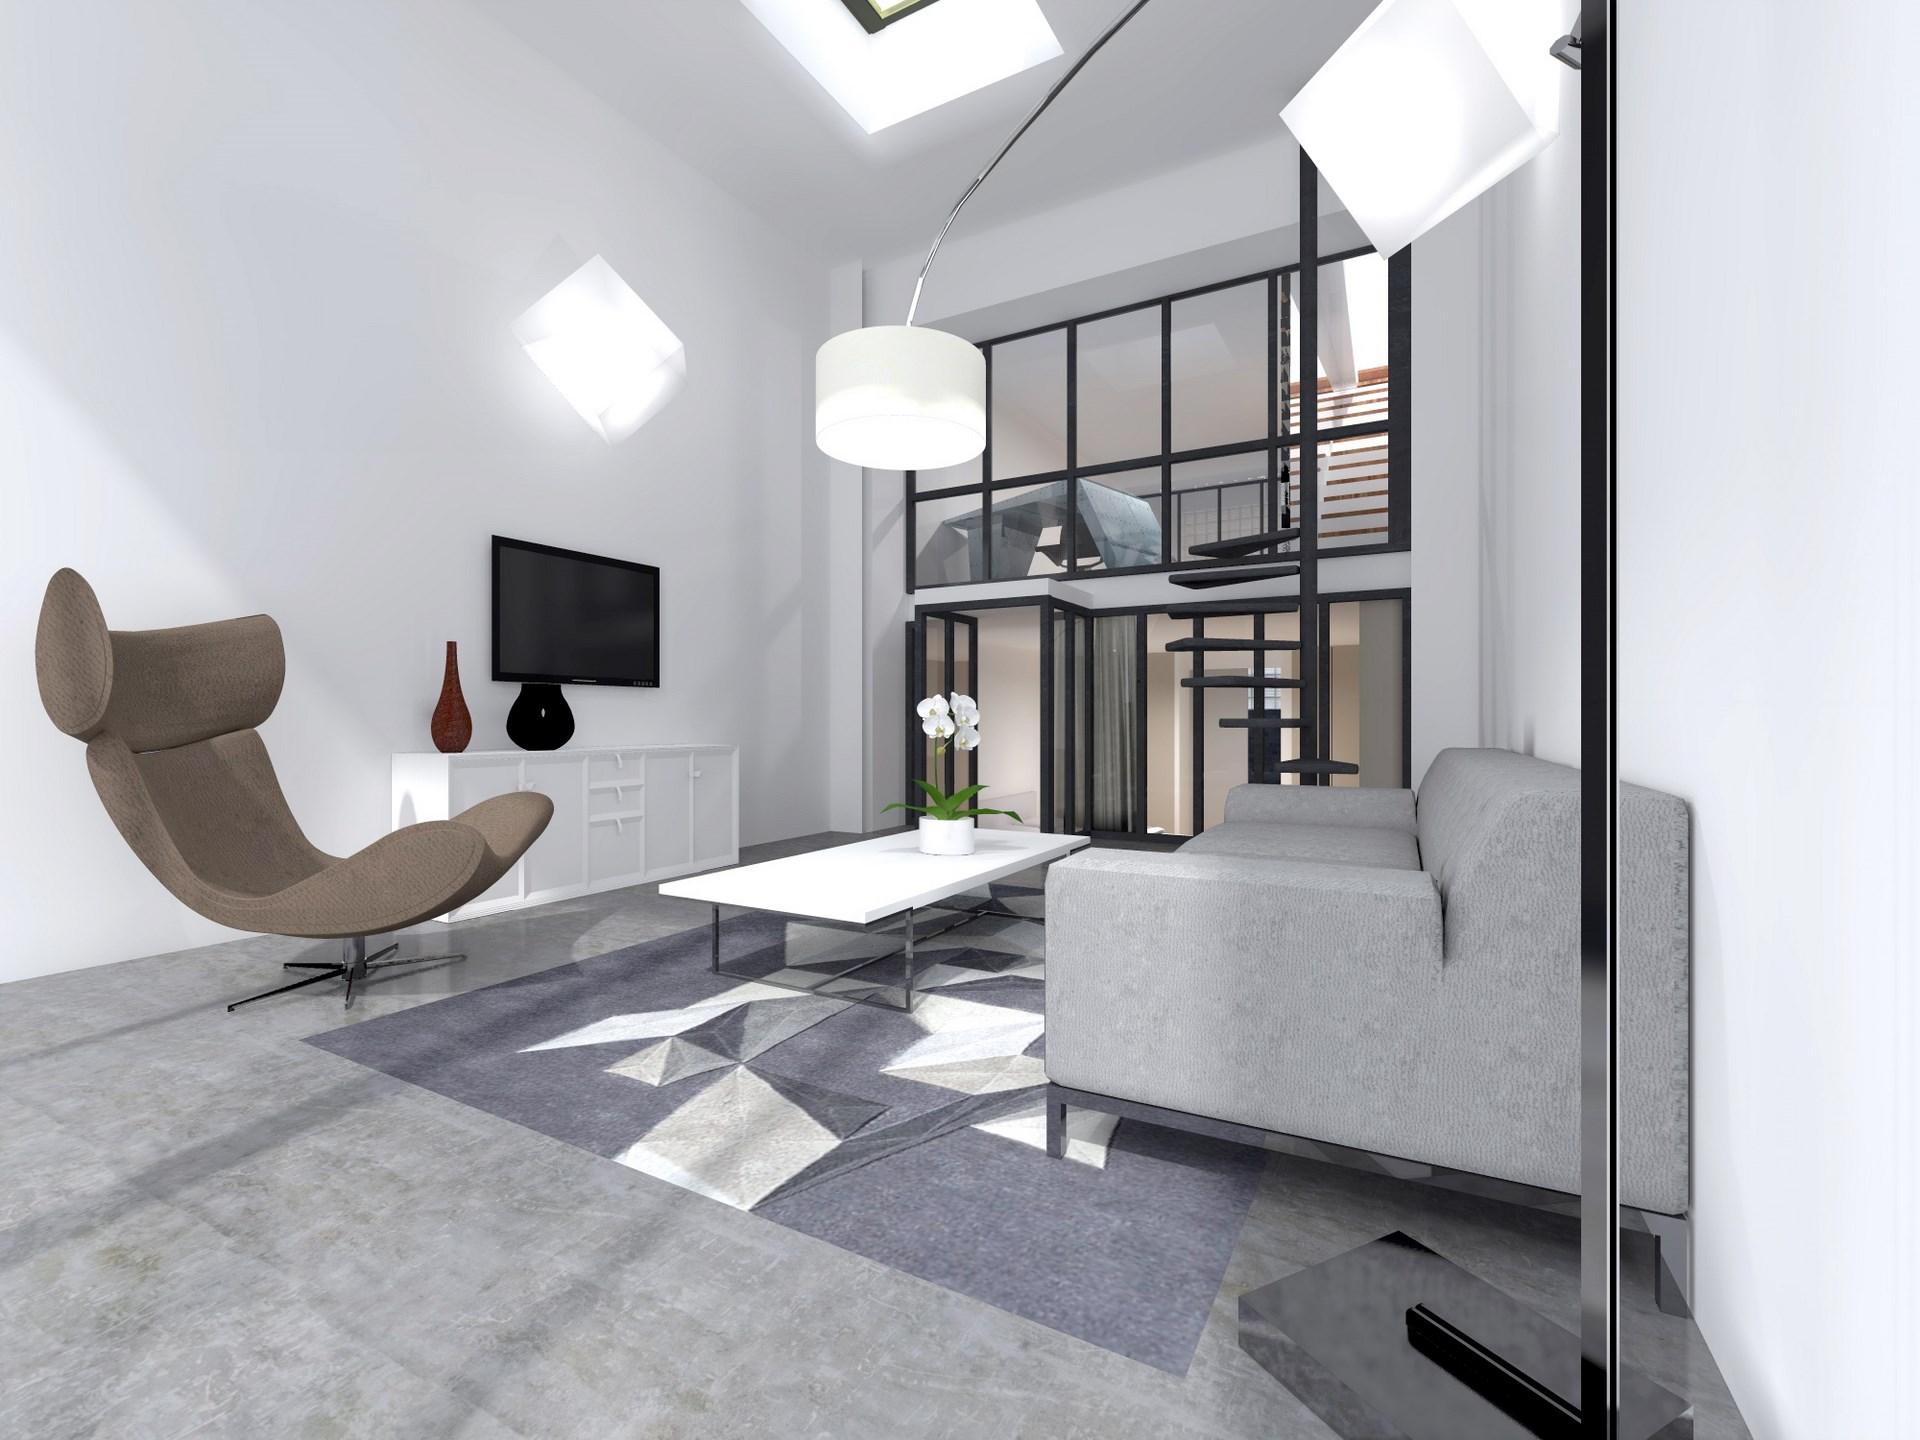 triplex industriel design contemporain agence avous